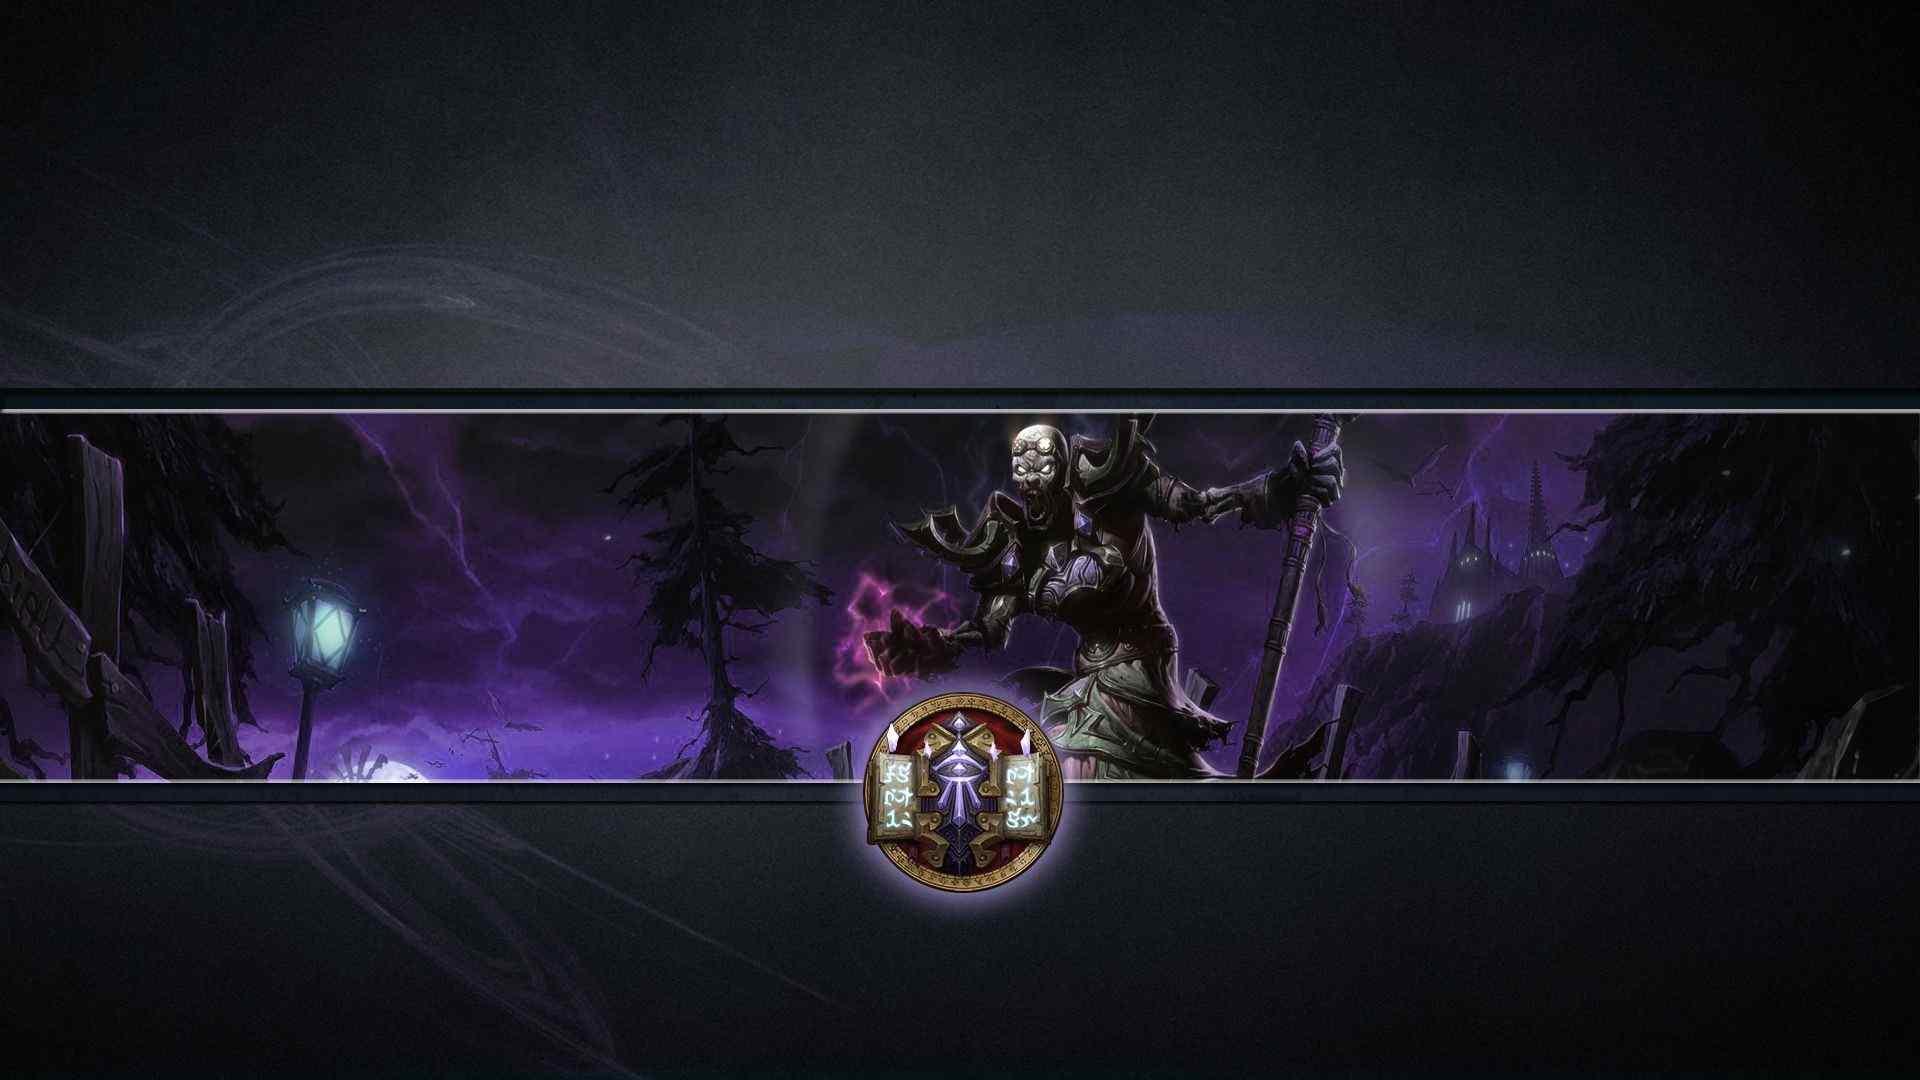 魔兽世界创意桌面壁纸。《魔兽世界》(World of Warcraft)是由著名游戏公司暴雪娱乐所制作的第一款网络游戏,属于大型多人在线角色扮演游戏。游戏以该公司出品的即时战略游戏《魔兽争霸》的剧情为历史背景,依托魔兽争霸的历史事件和英雄人物,魔兽世界有着完整的历史背景时间线。玩家在魔兽世界中冒险、完成任务、新的历险、探索未知的世界、征服怪物等。想要寻找更多精彩的游戏壁纸,欢迎登陆桌面天下,这里有更多惊喜等着您。